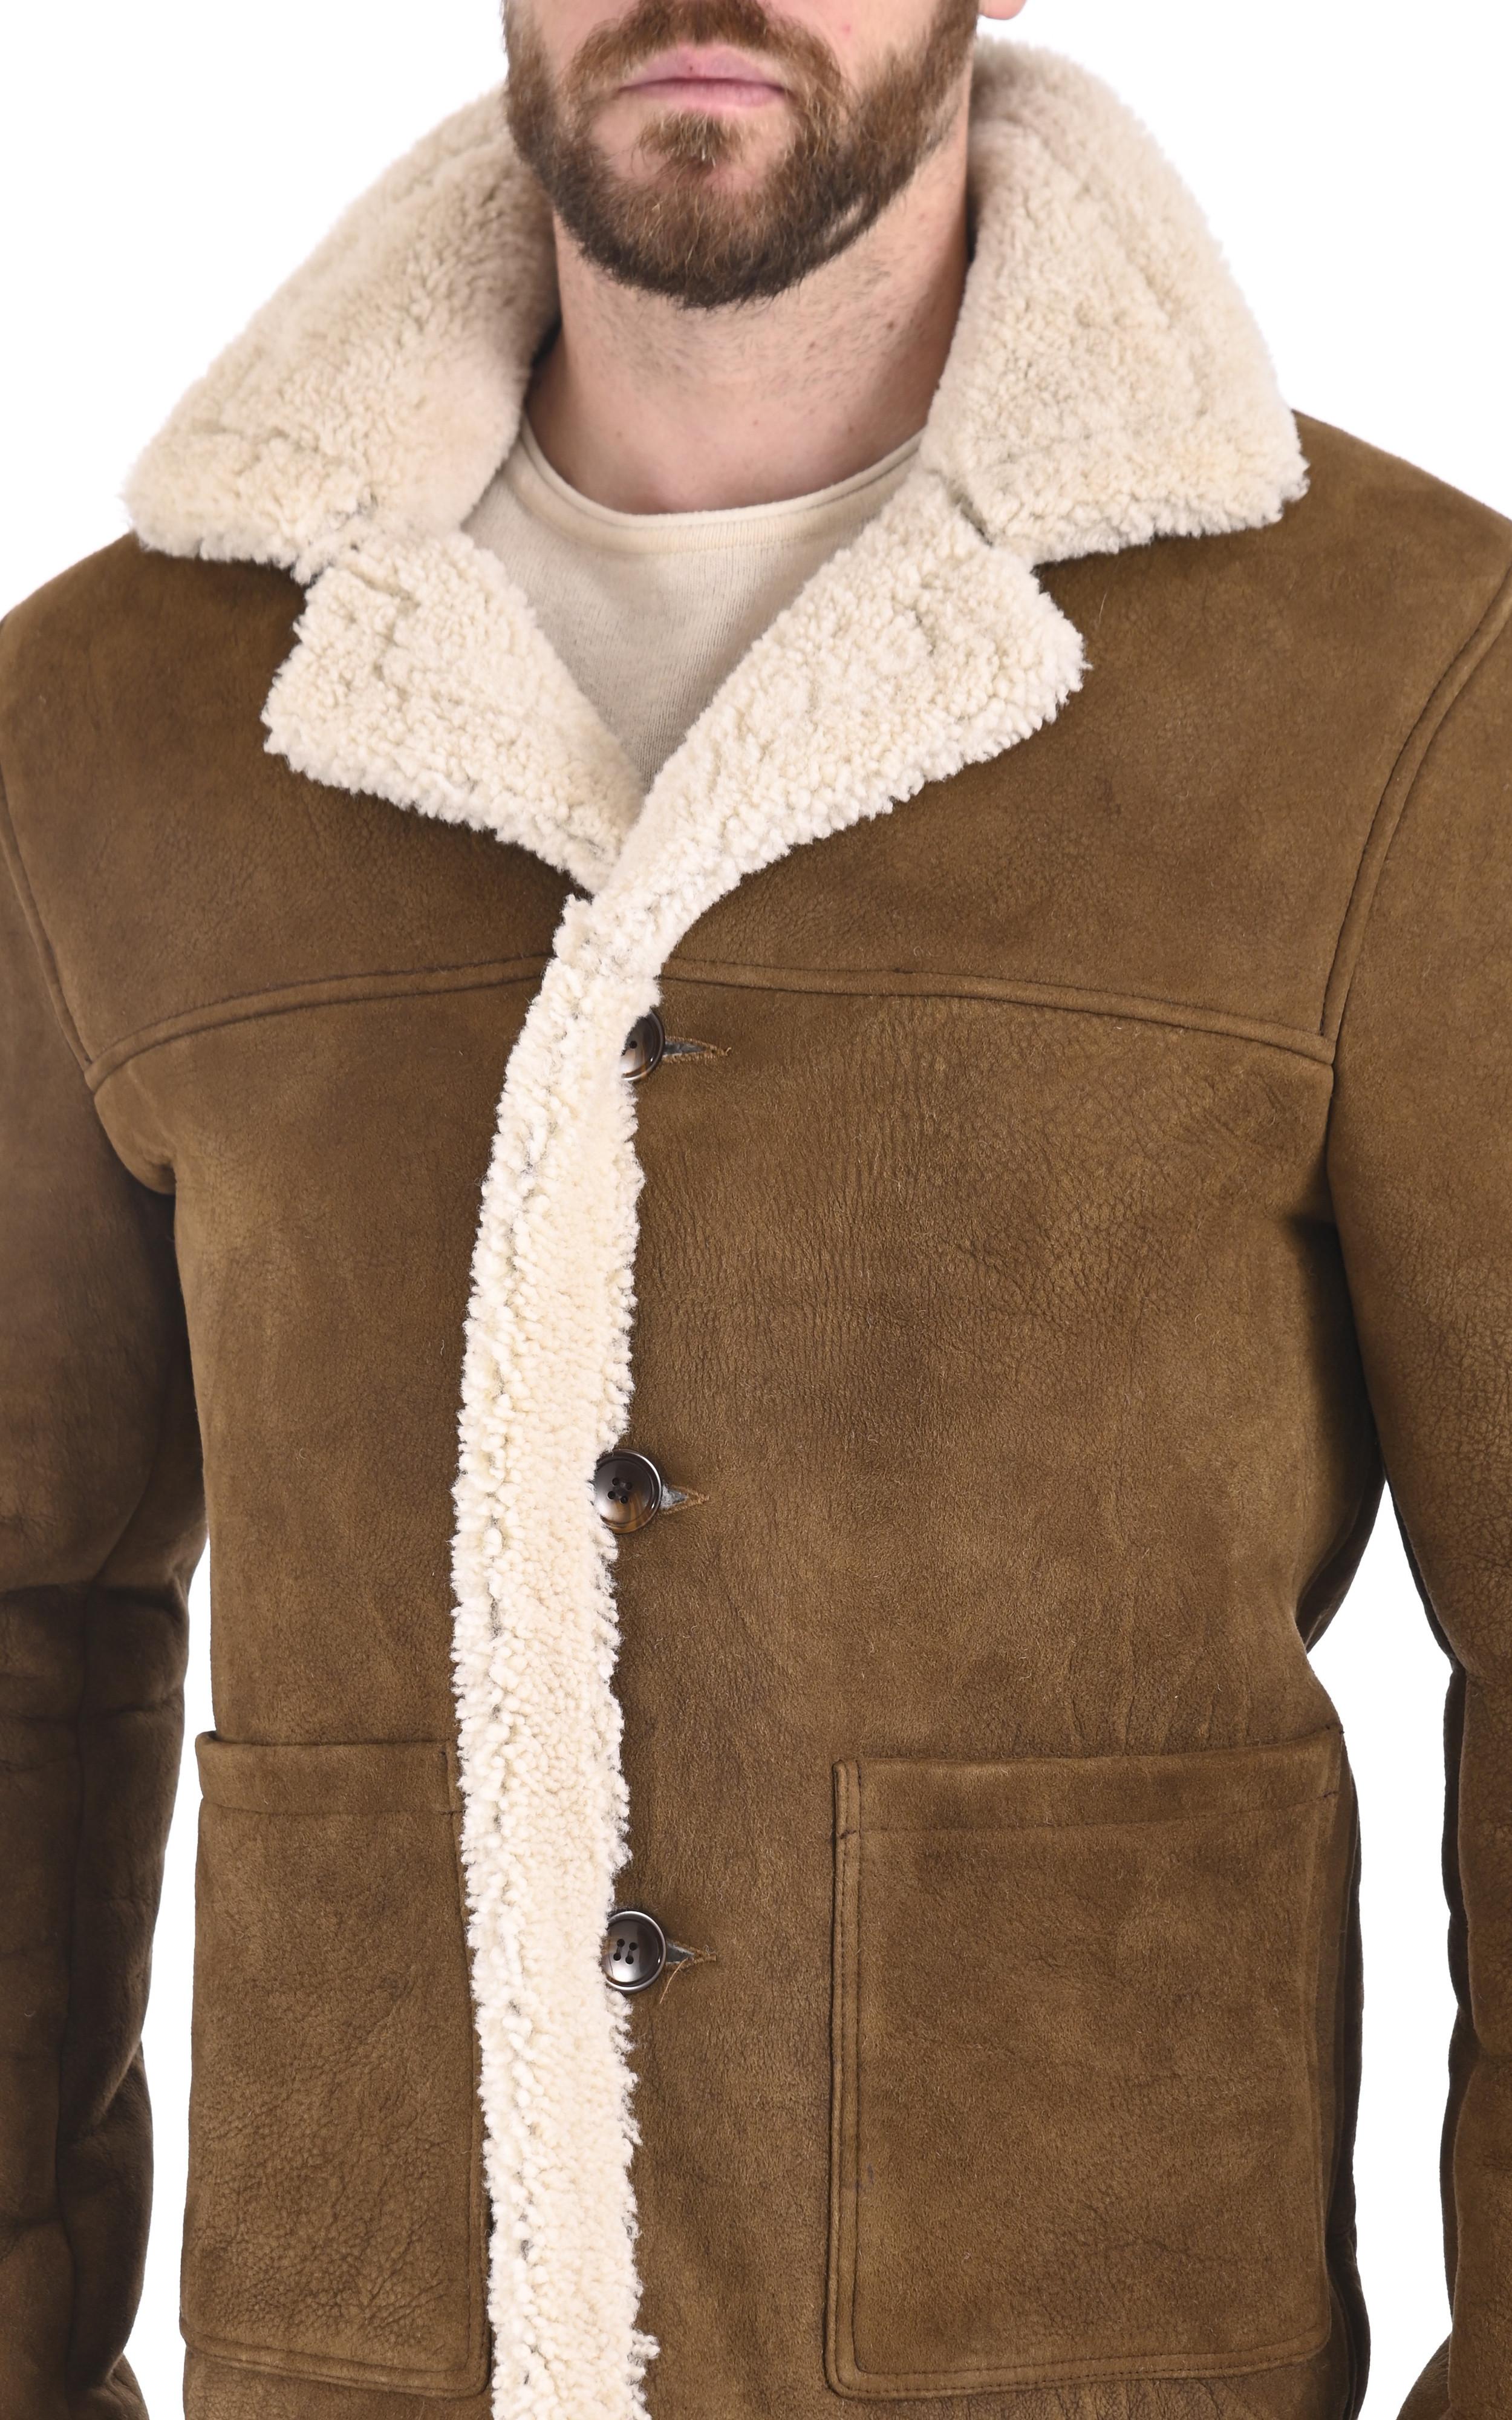 Veste peau lainée camel Serge Pariente